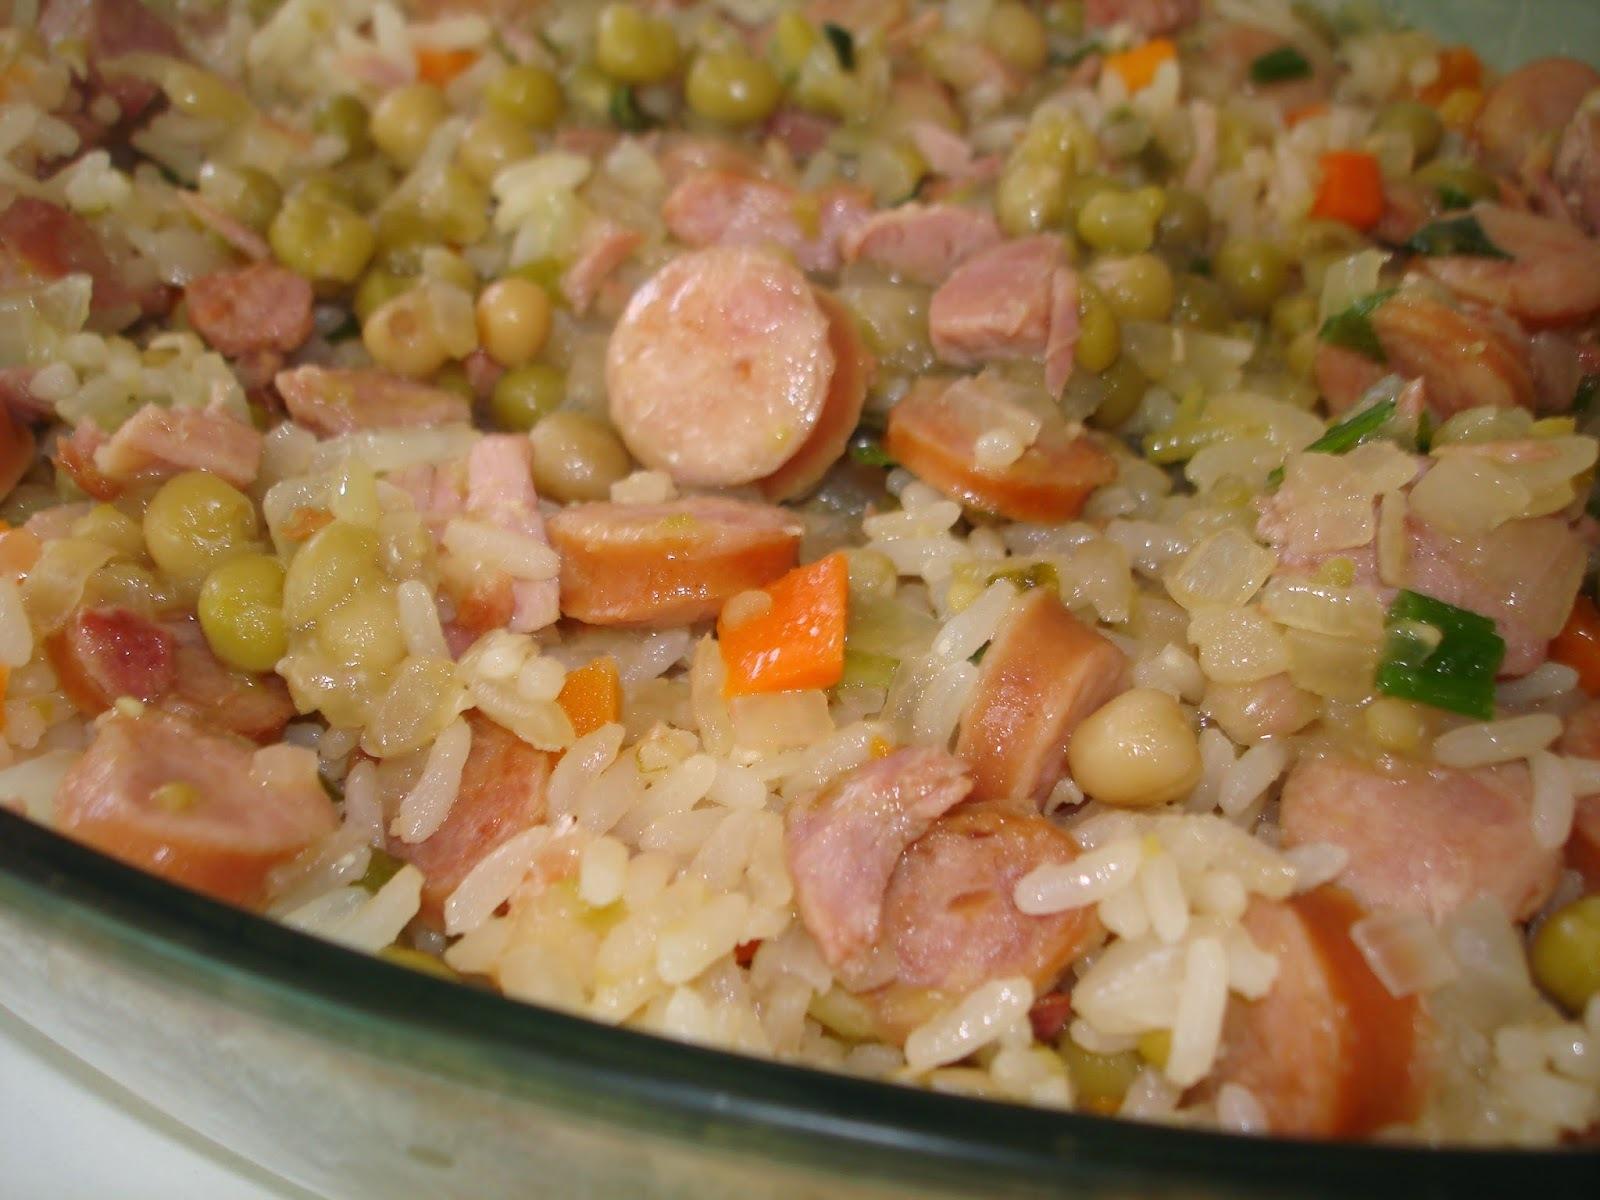 de arroz de forno simples com requeijao